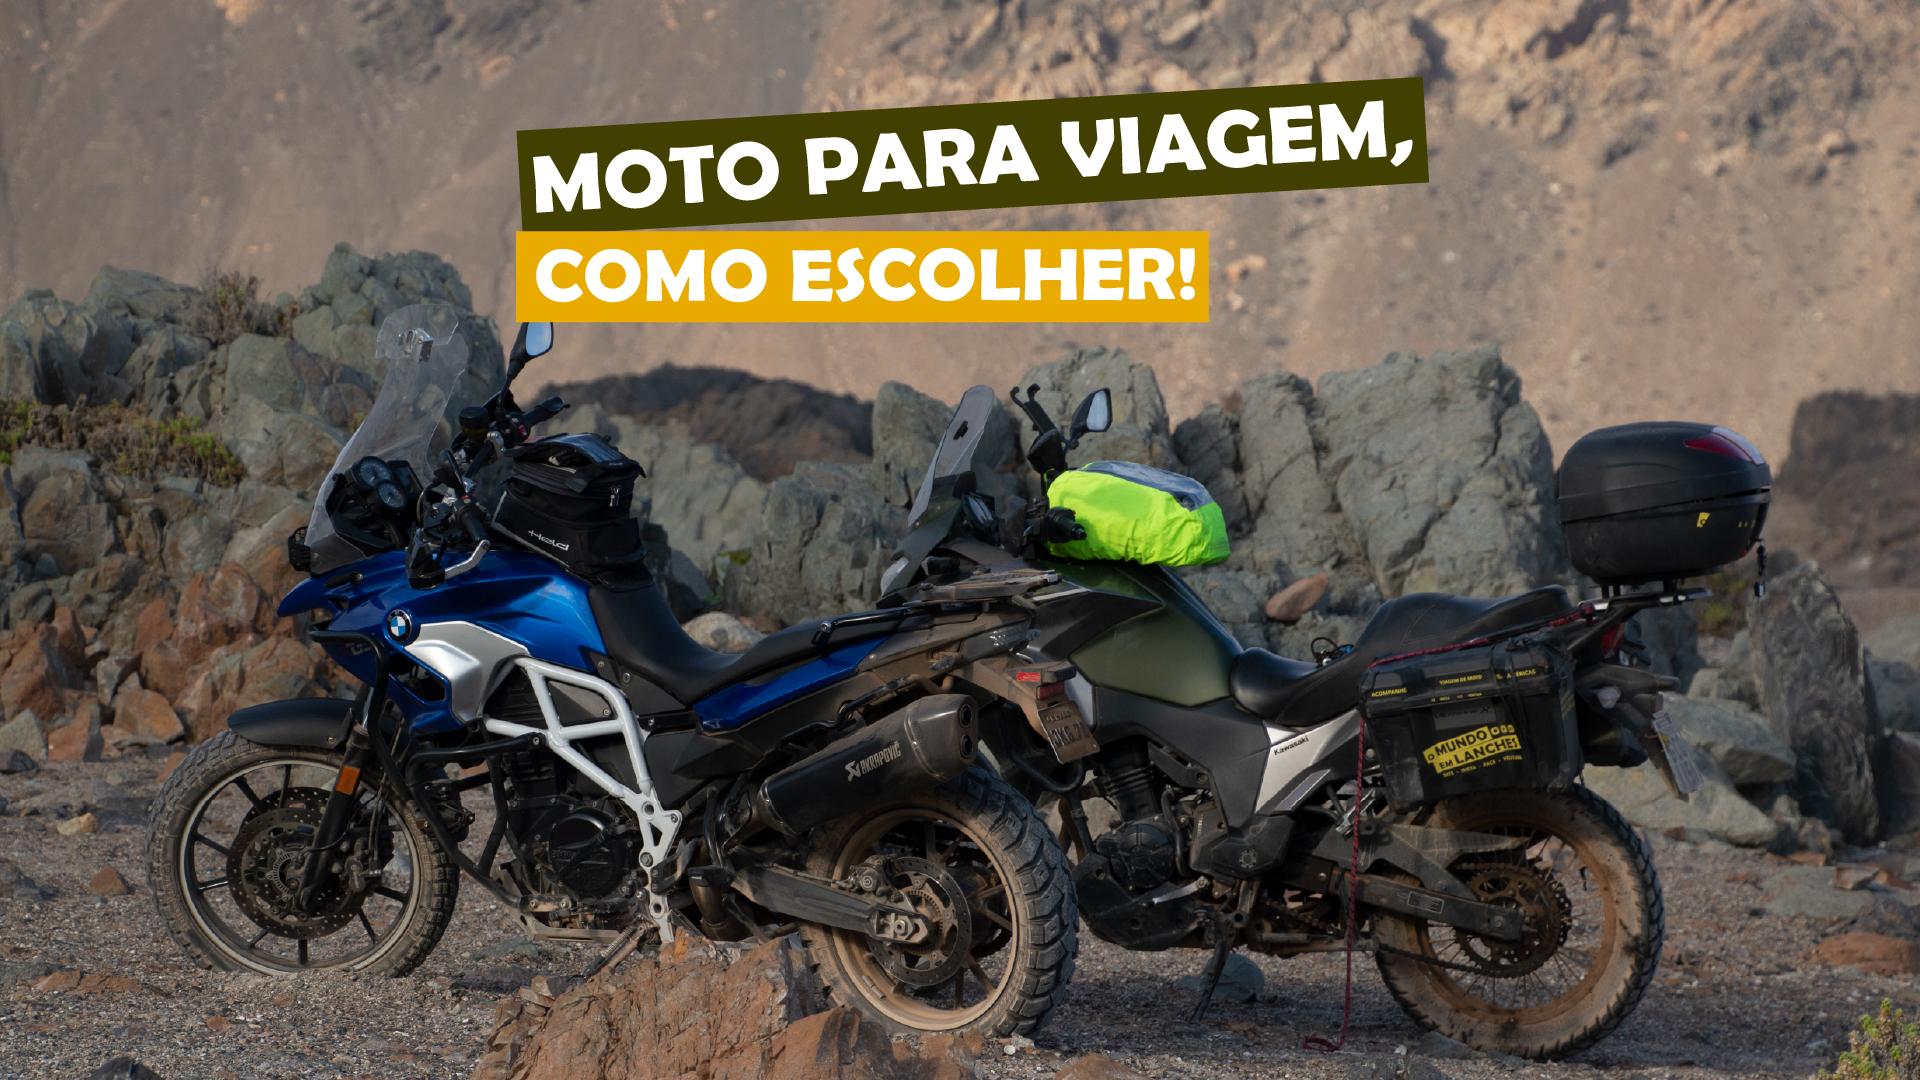 You are currently viewing Moto para viagem, como escolher!